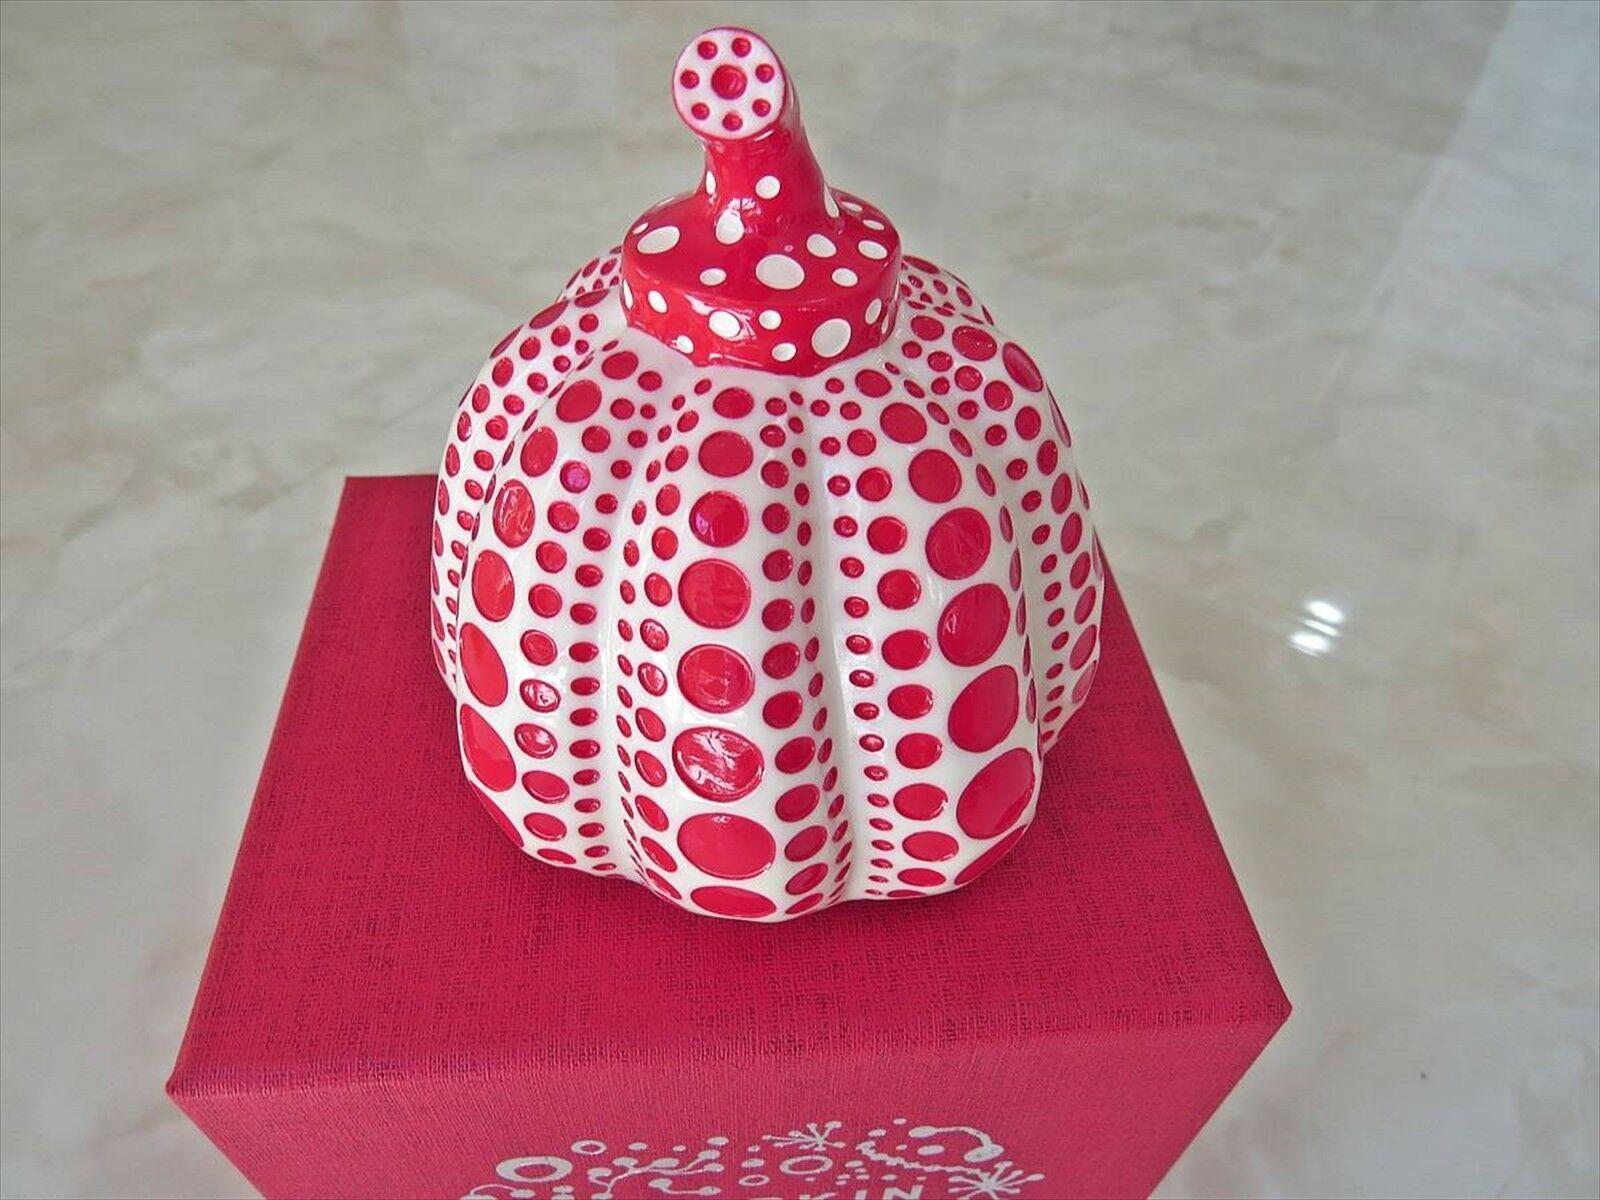 Yayoi Kusama Pumpkin Lammfromm Artist Paperweight Object Sculpture Red